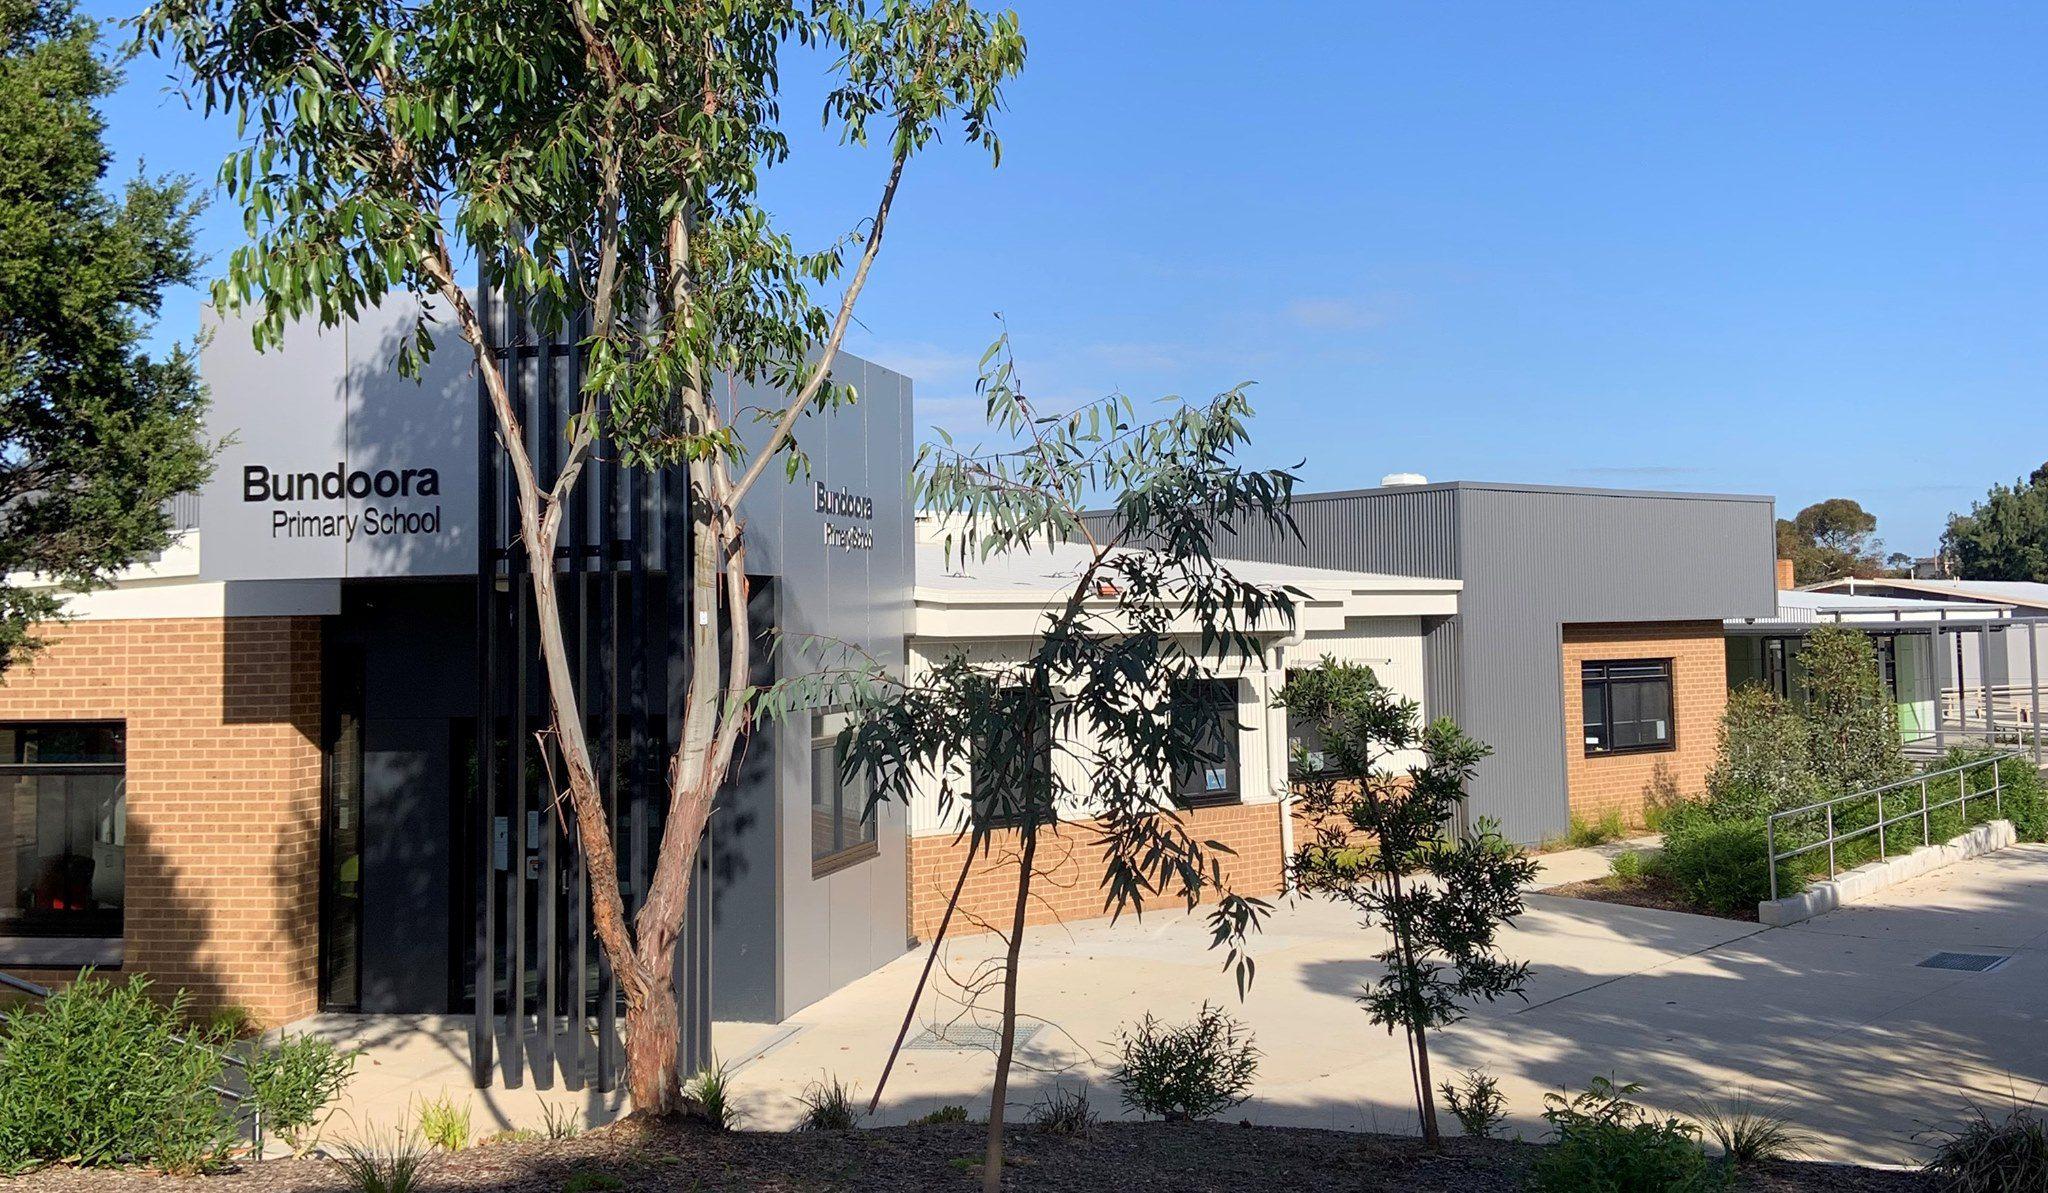 Entrance area - Bundoora Primary School